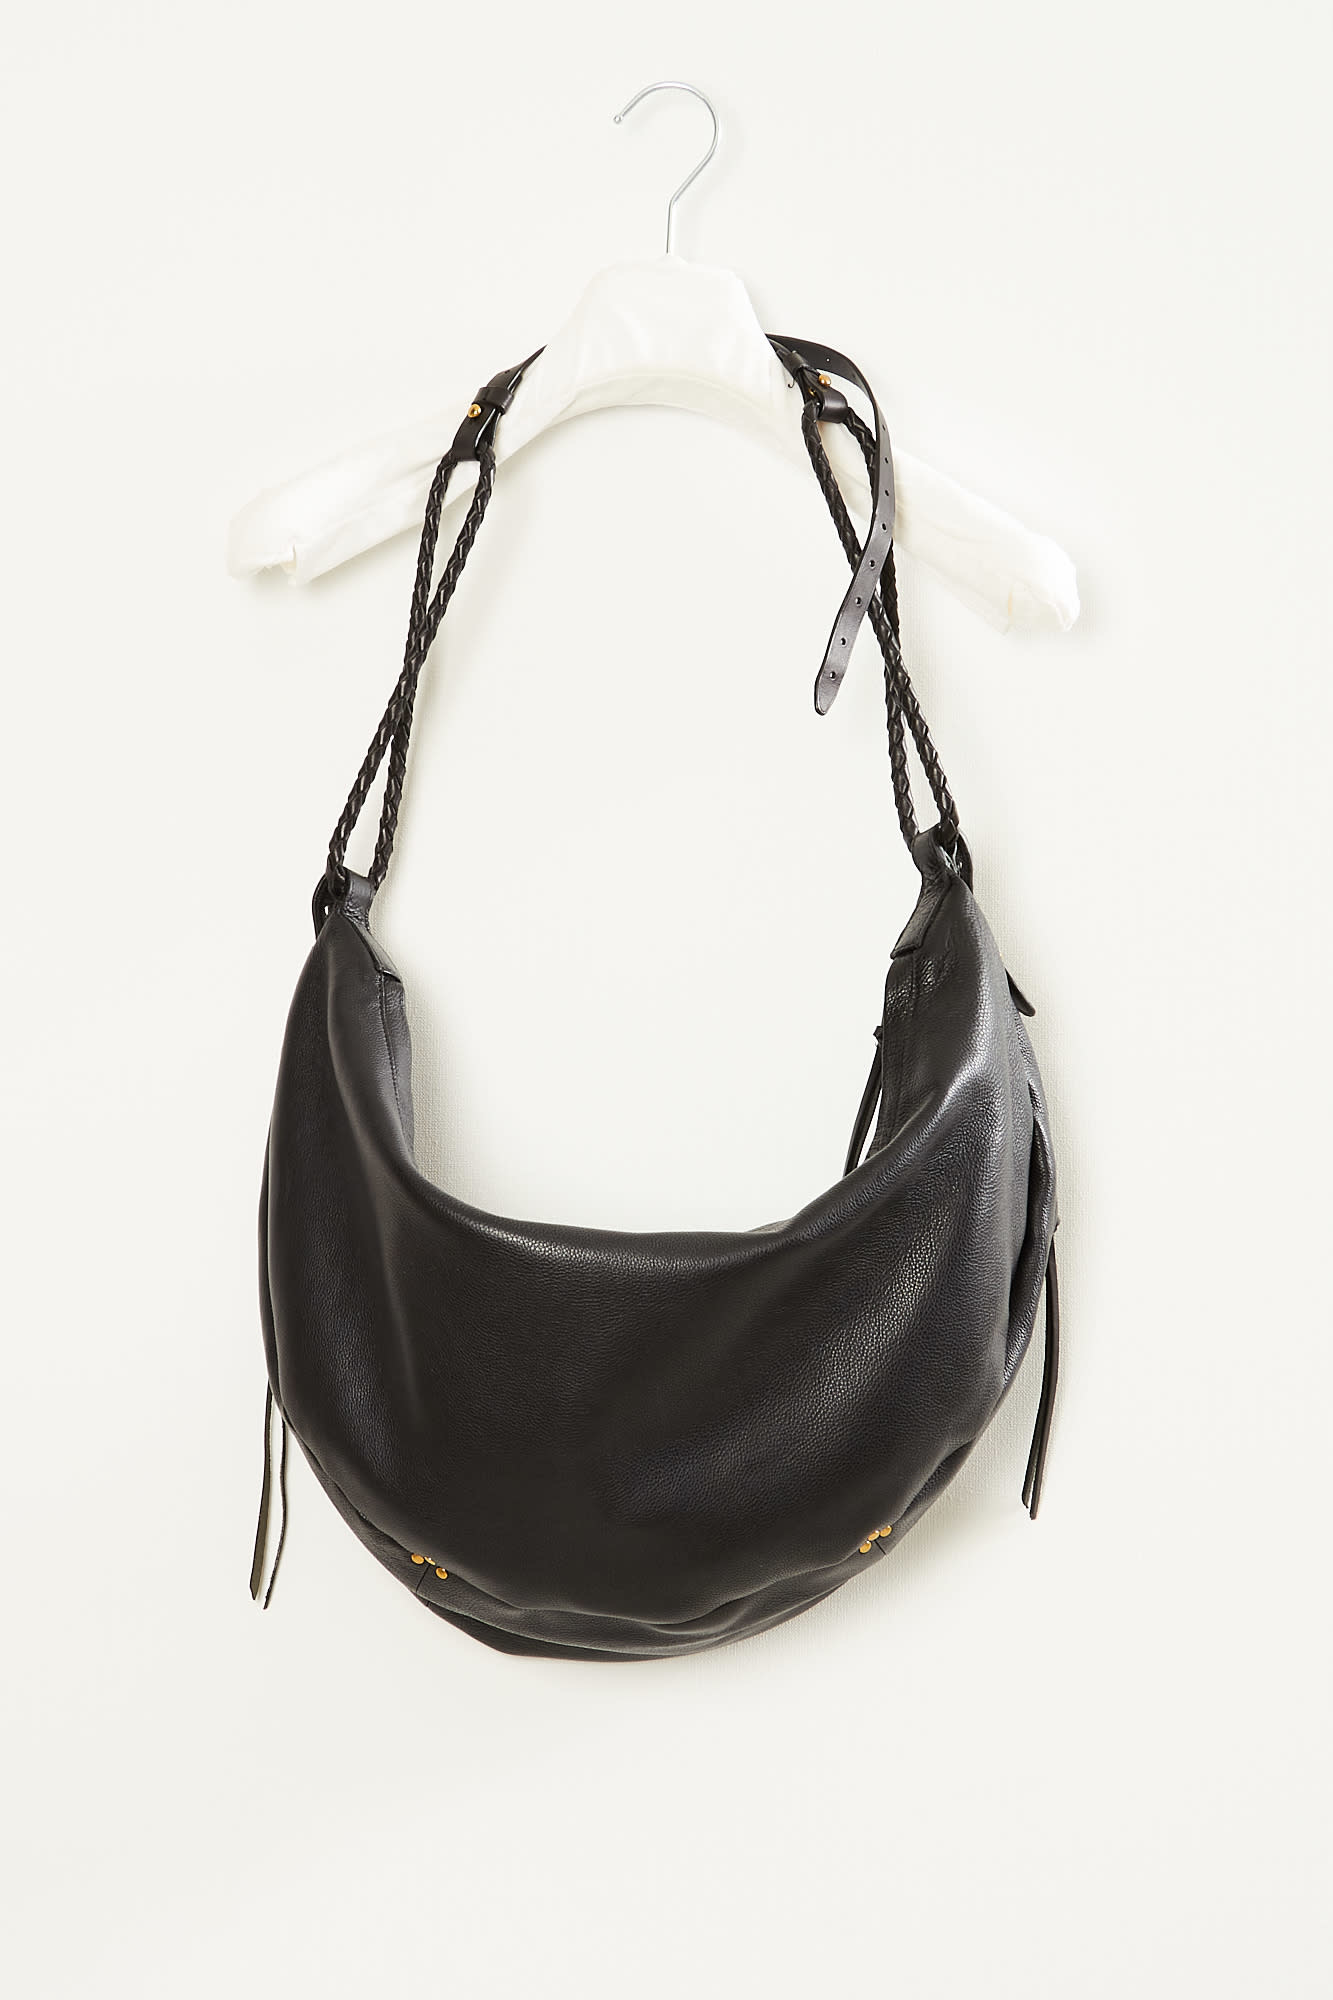 Jerome Dreyfuss - handbag 90% calfskin 5% goatskin 5% cowskin / lining 100% cotton